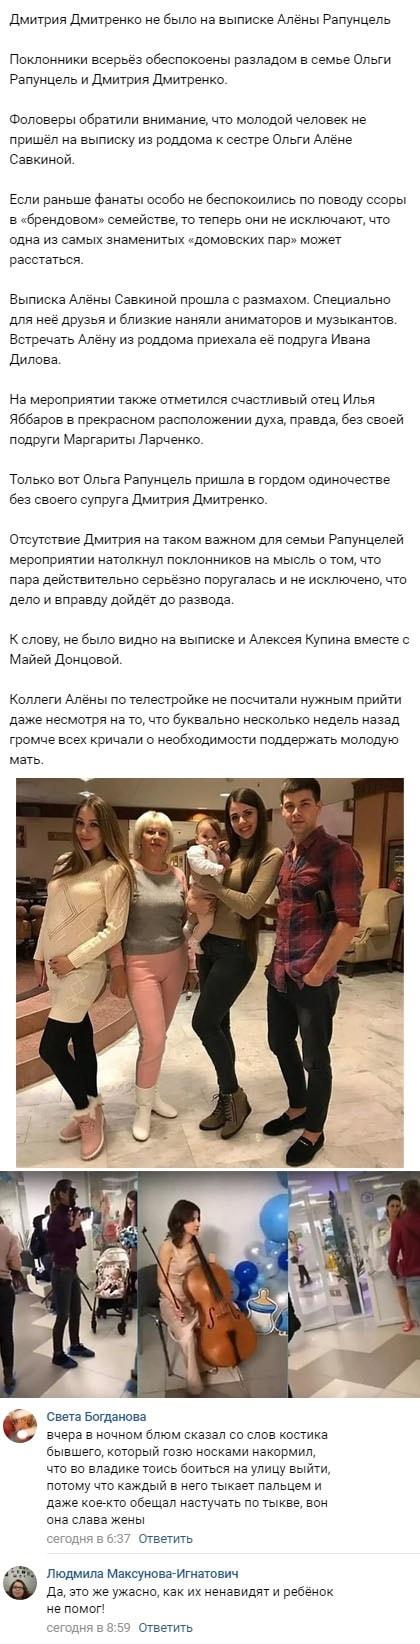 Дмитрий Дмитренко намерен поставить точку в отношениях с Ольгой Рапунцель